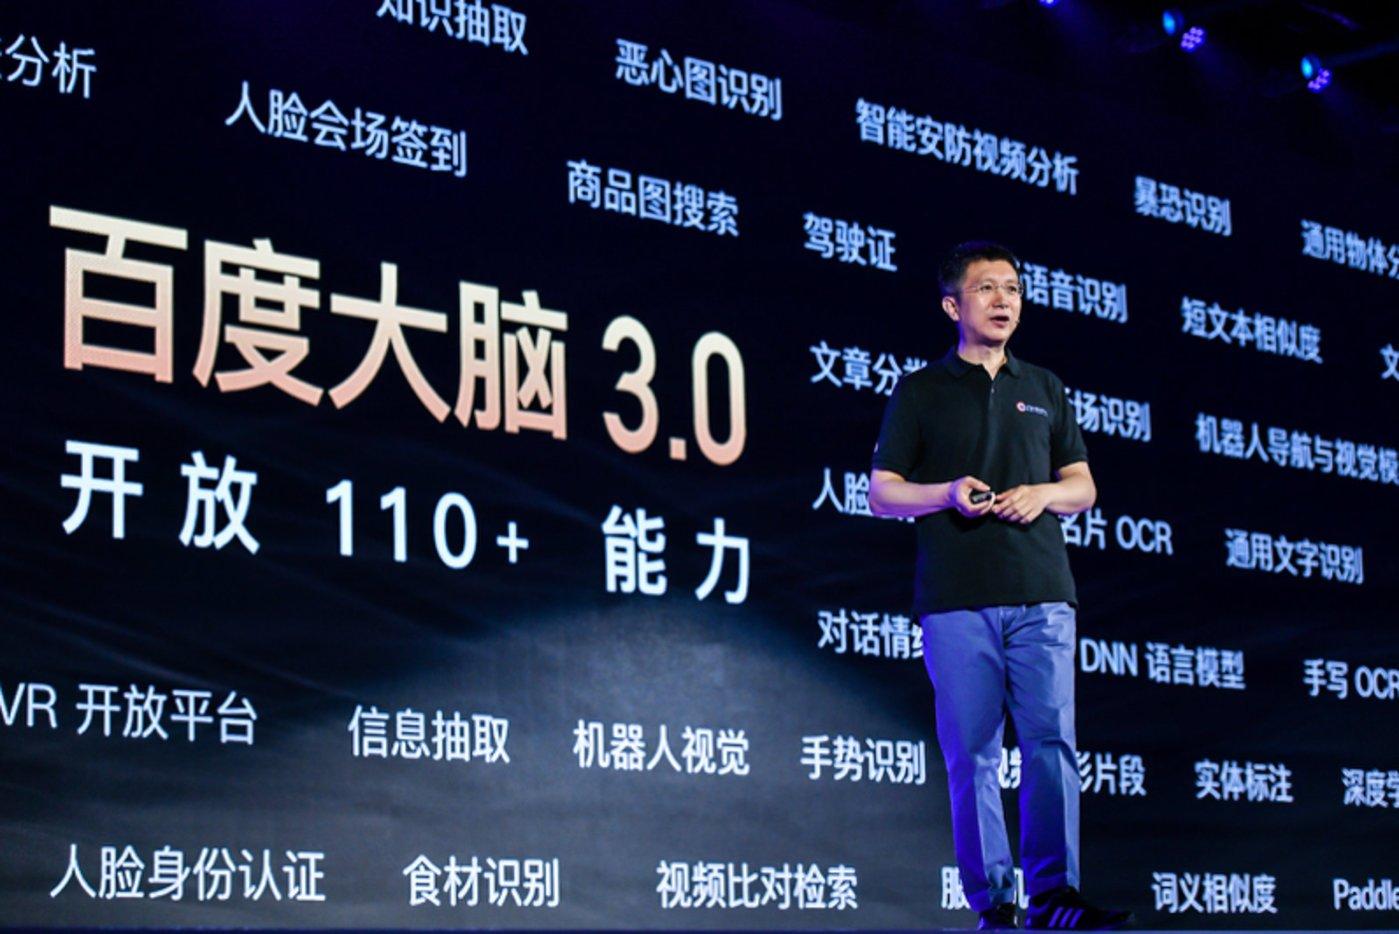 """今年7月,百度发布""""百度大脑3.0"""",对外开放出110项AI 能力。"""